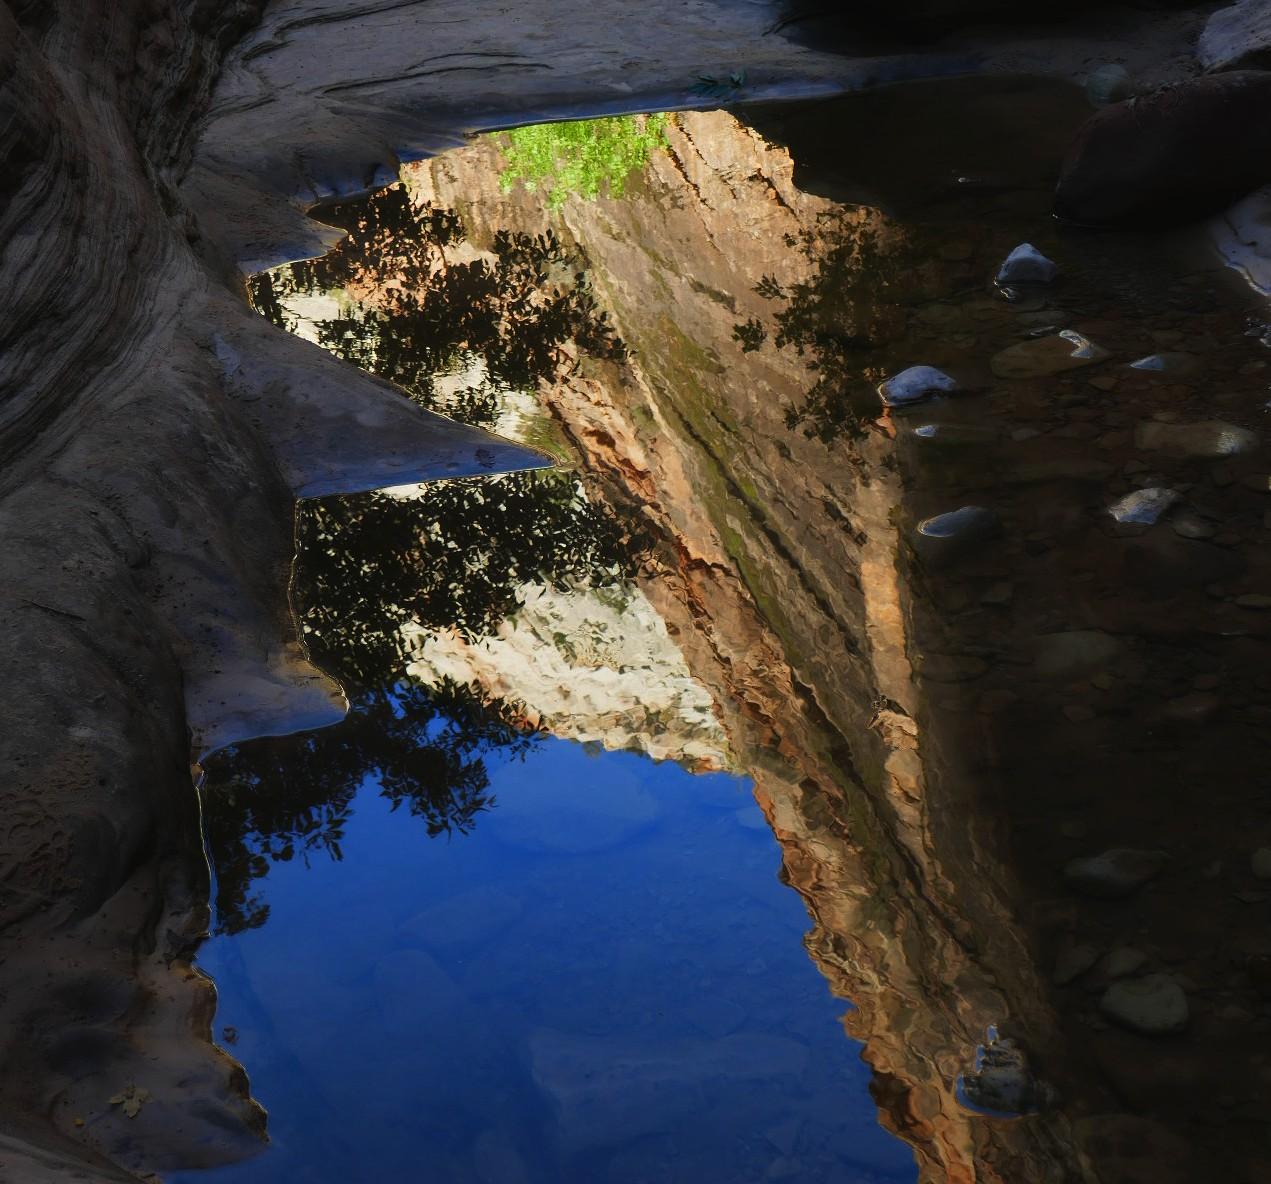 Reflexion sur l'eau du canyon